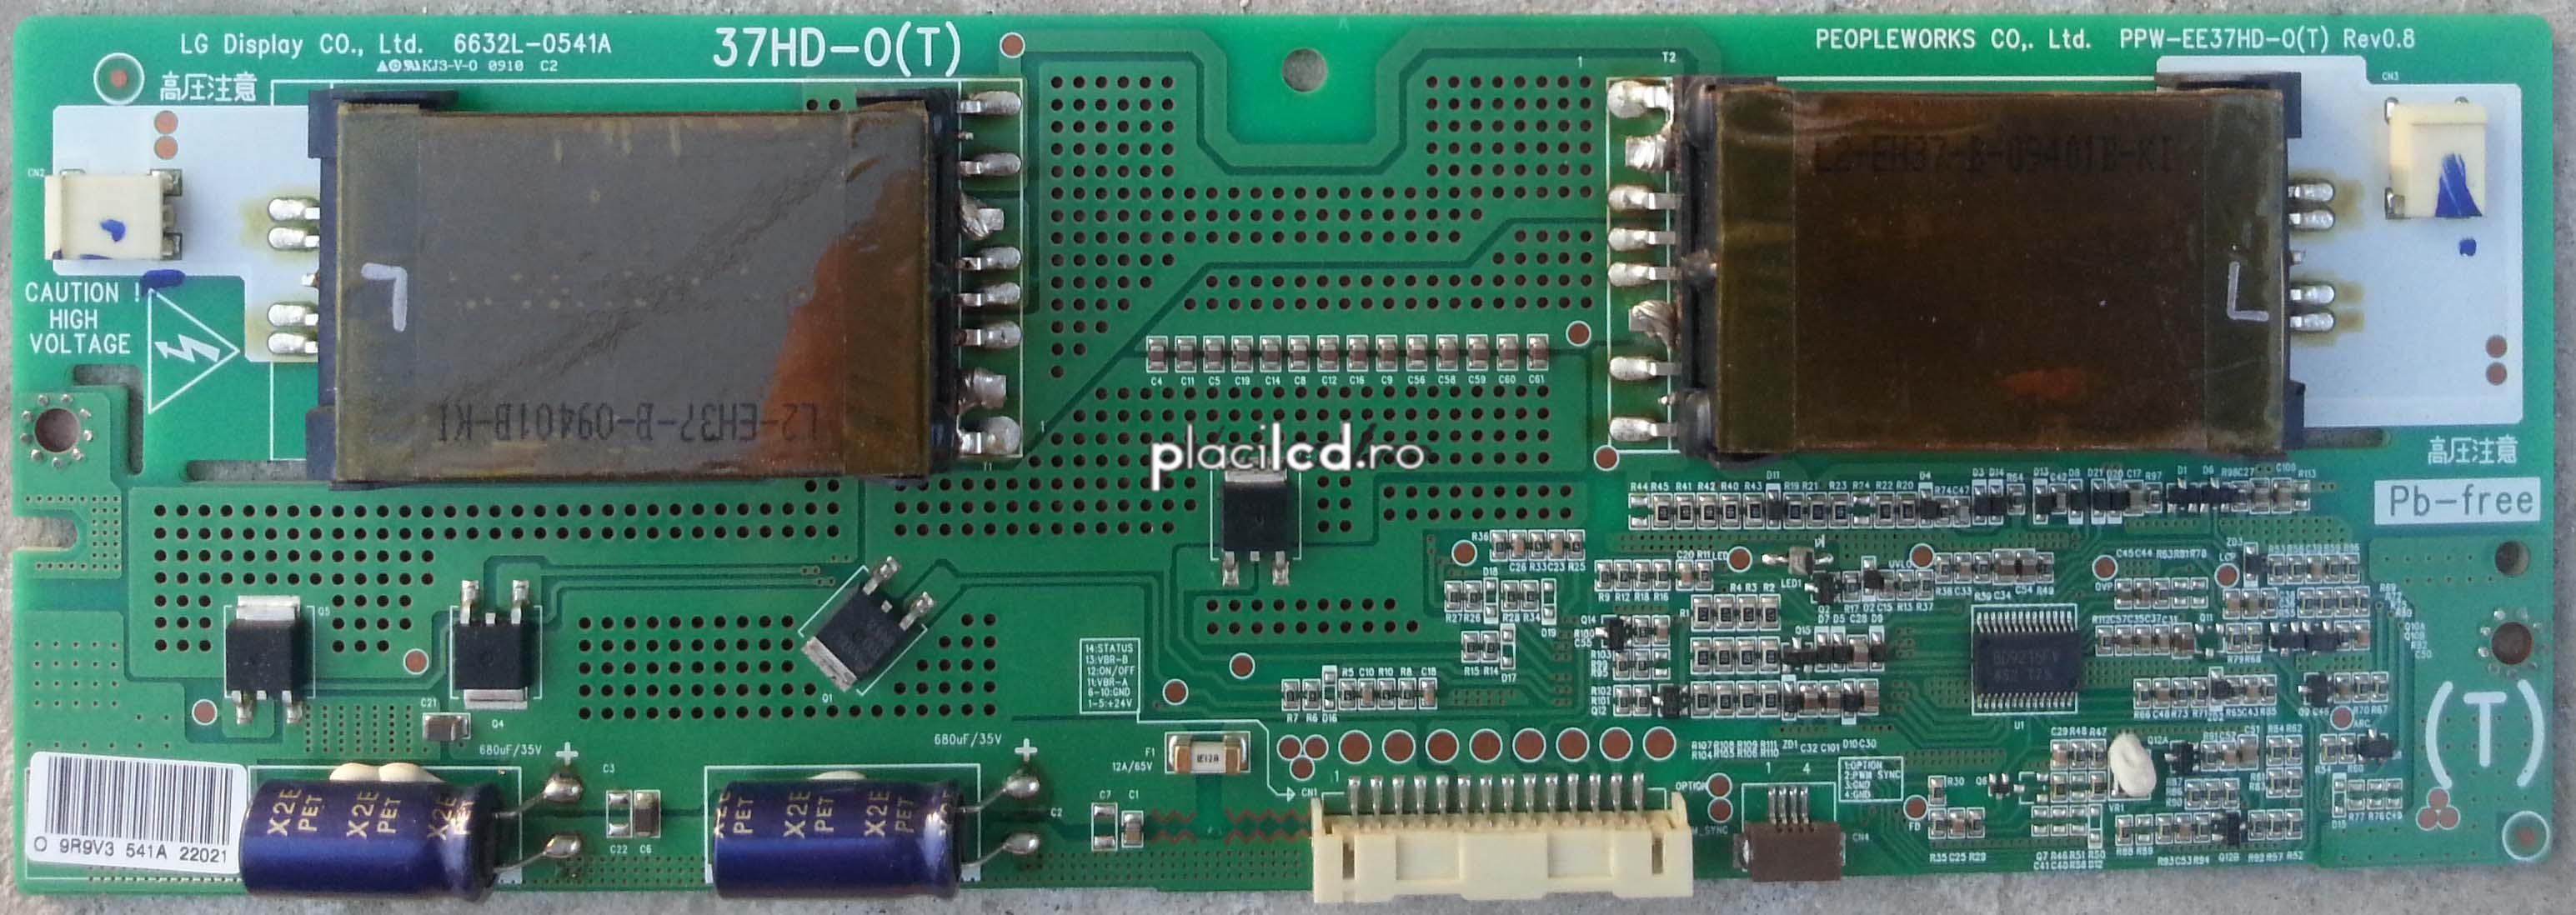 Placa invertoare 6632L-0541A